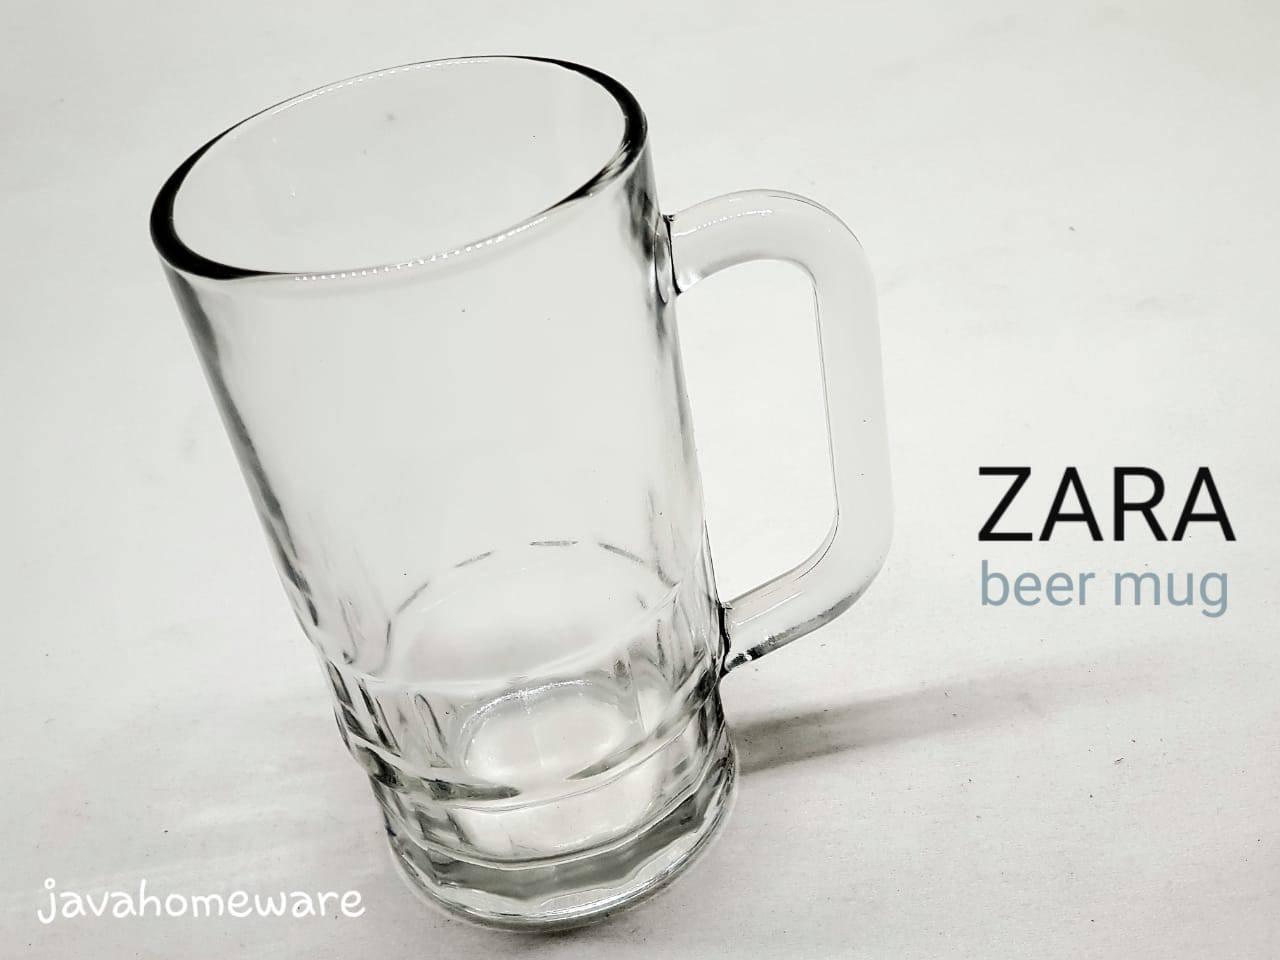 Zara Beer Mug